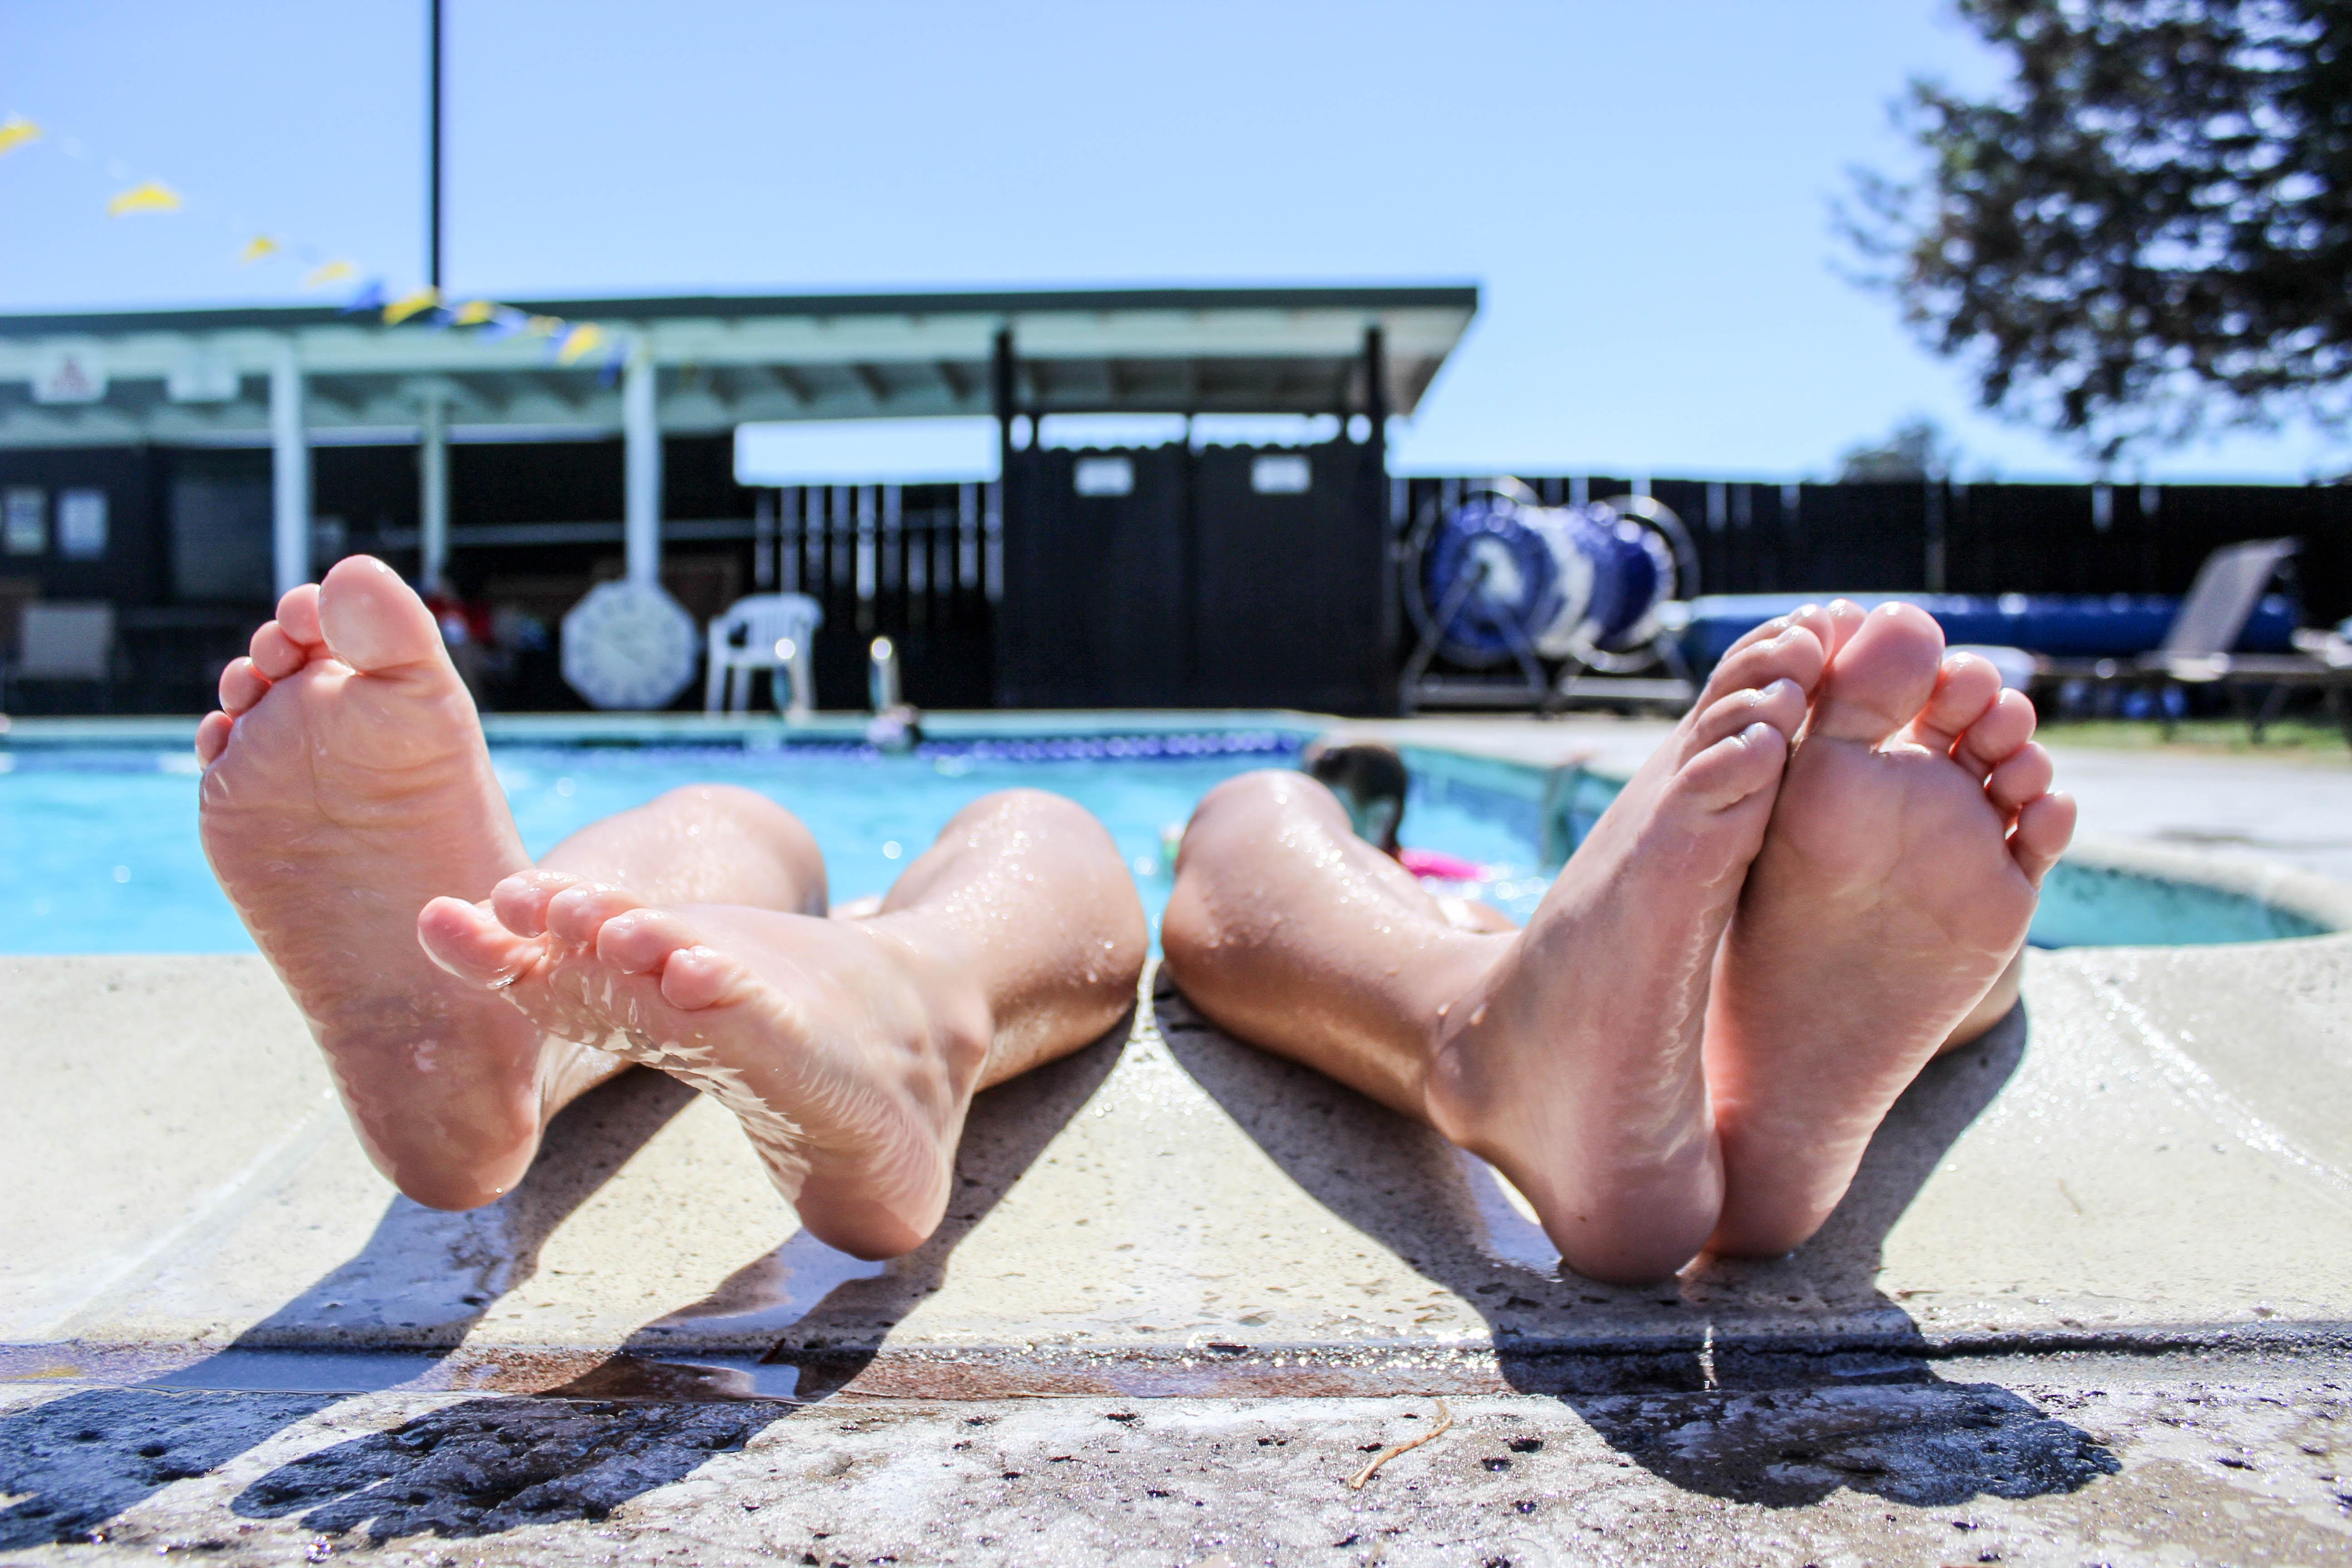 長趾屈筋の作用とトレーニング方法 【ふくらはぎの奥から足趾の先まで伸びる多様な役割を持つ筋肉】